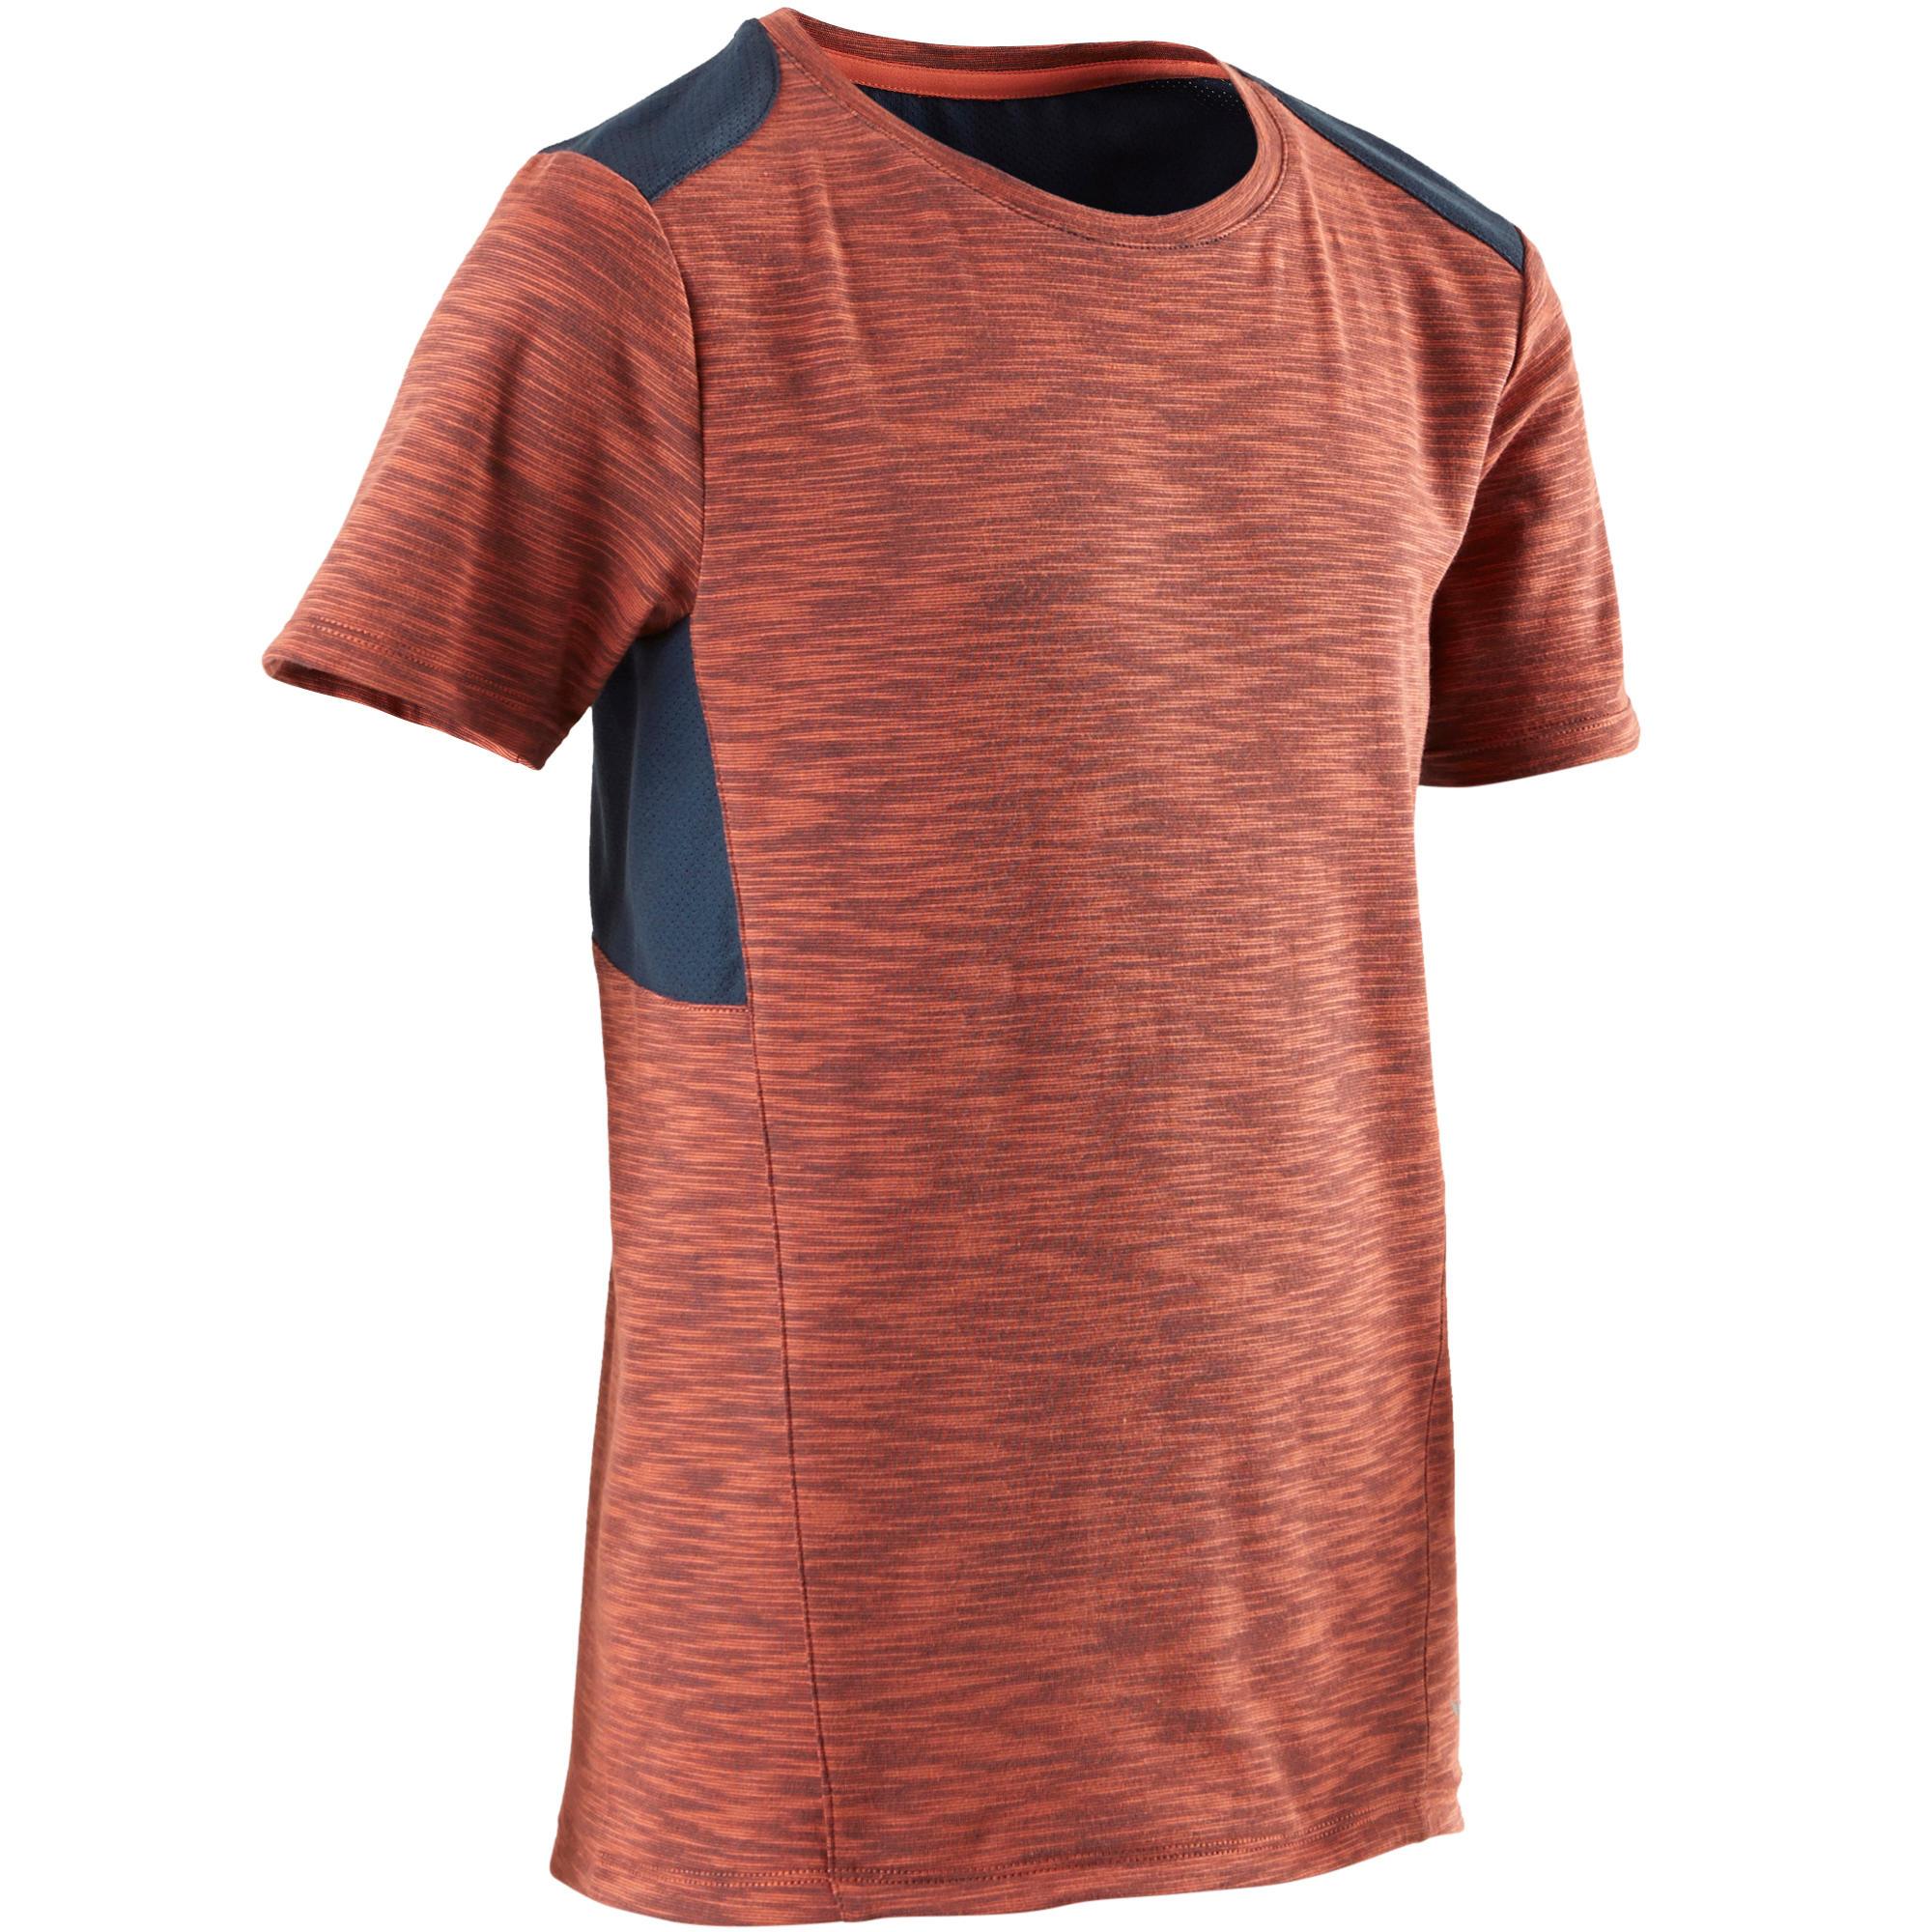 T-Shirt Baumwolle atmungsaktiv 500 Gym Kinder blau/orange